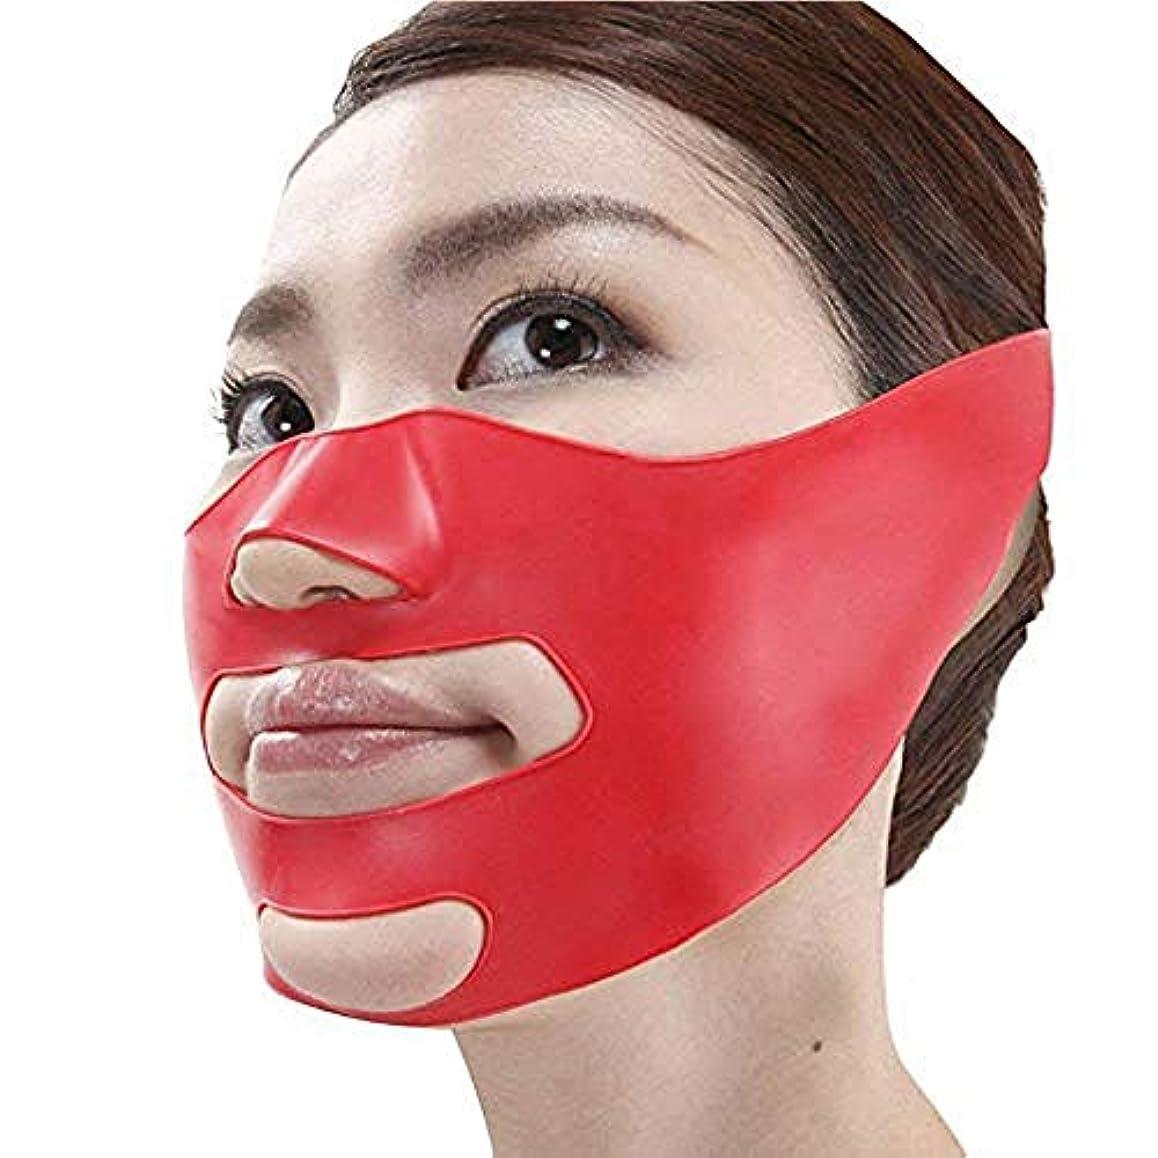 ショッキング打ち負かすびっくりするLindexs 小顔矯正 マスク 小顔補正ベルト ほうれい線 3Dエクササイズマスク リフトスリムマスク 抗シワ サウナマスク 法令線予防 美容グッ (フリーサイズ)